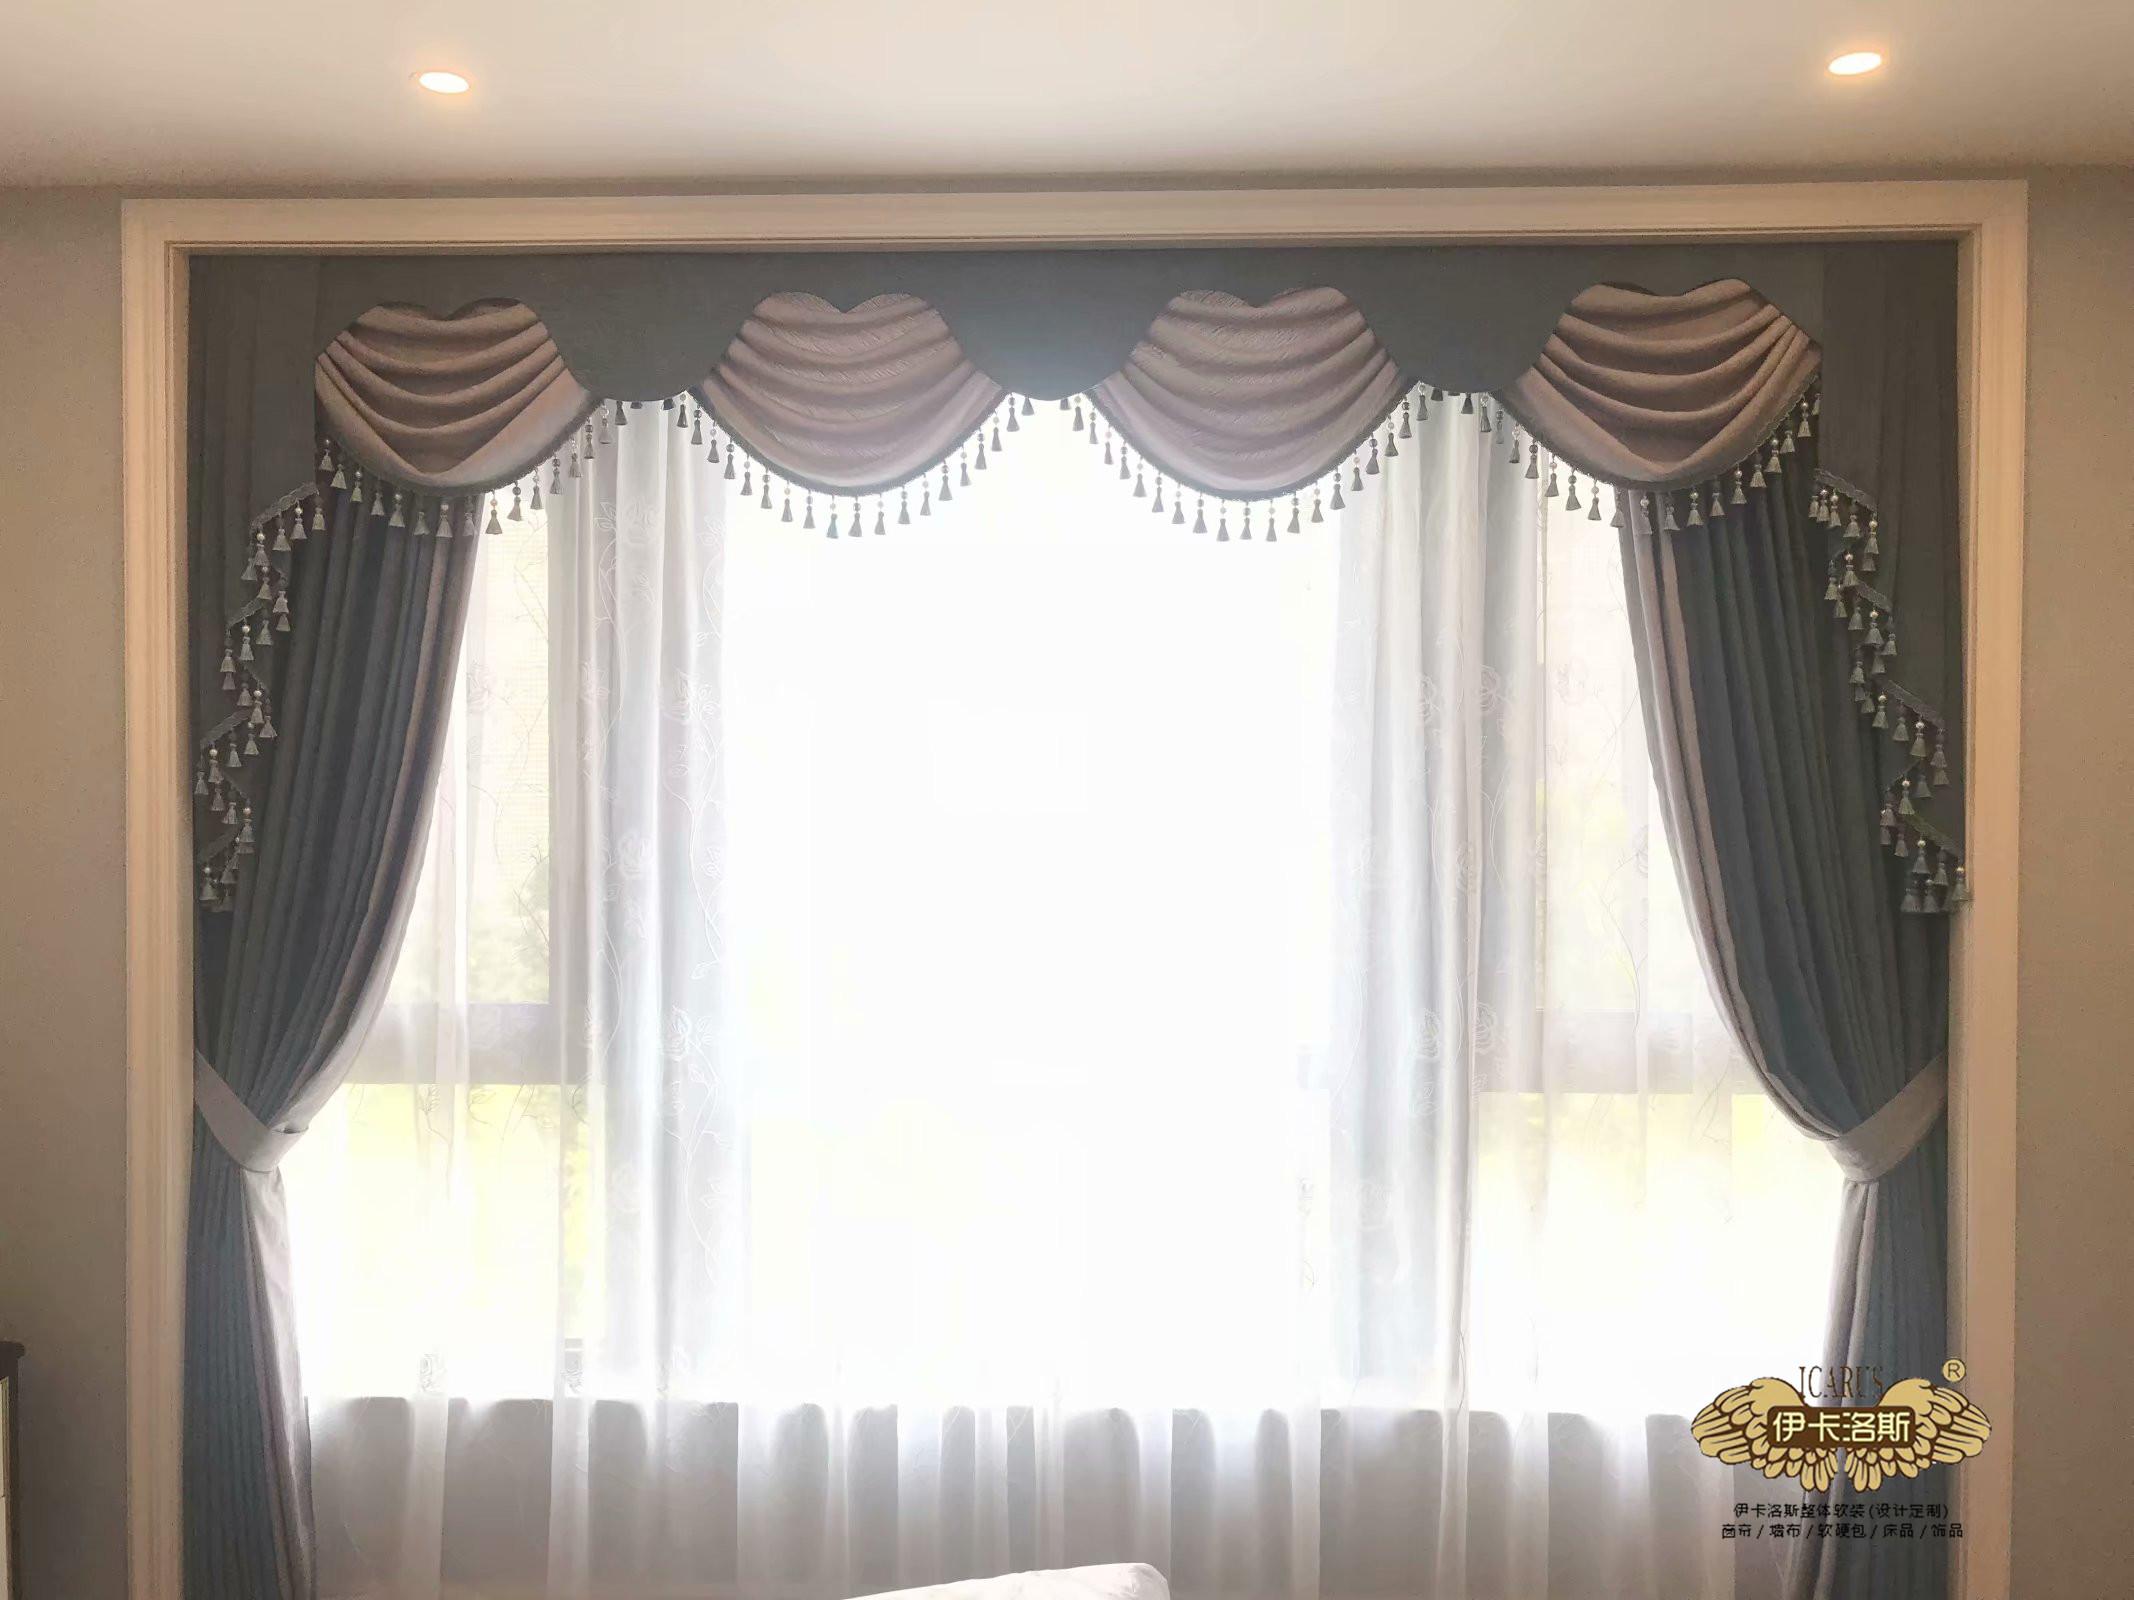 伊卡洛斯软装:阳台窗帘用什么颜色好?如何选?